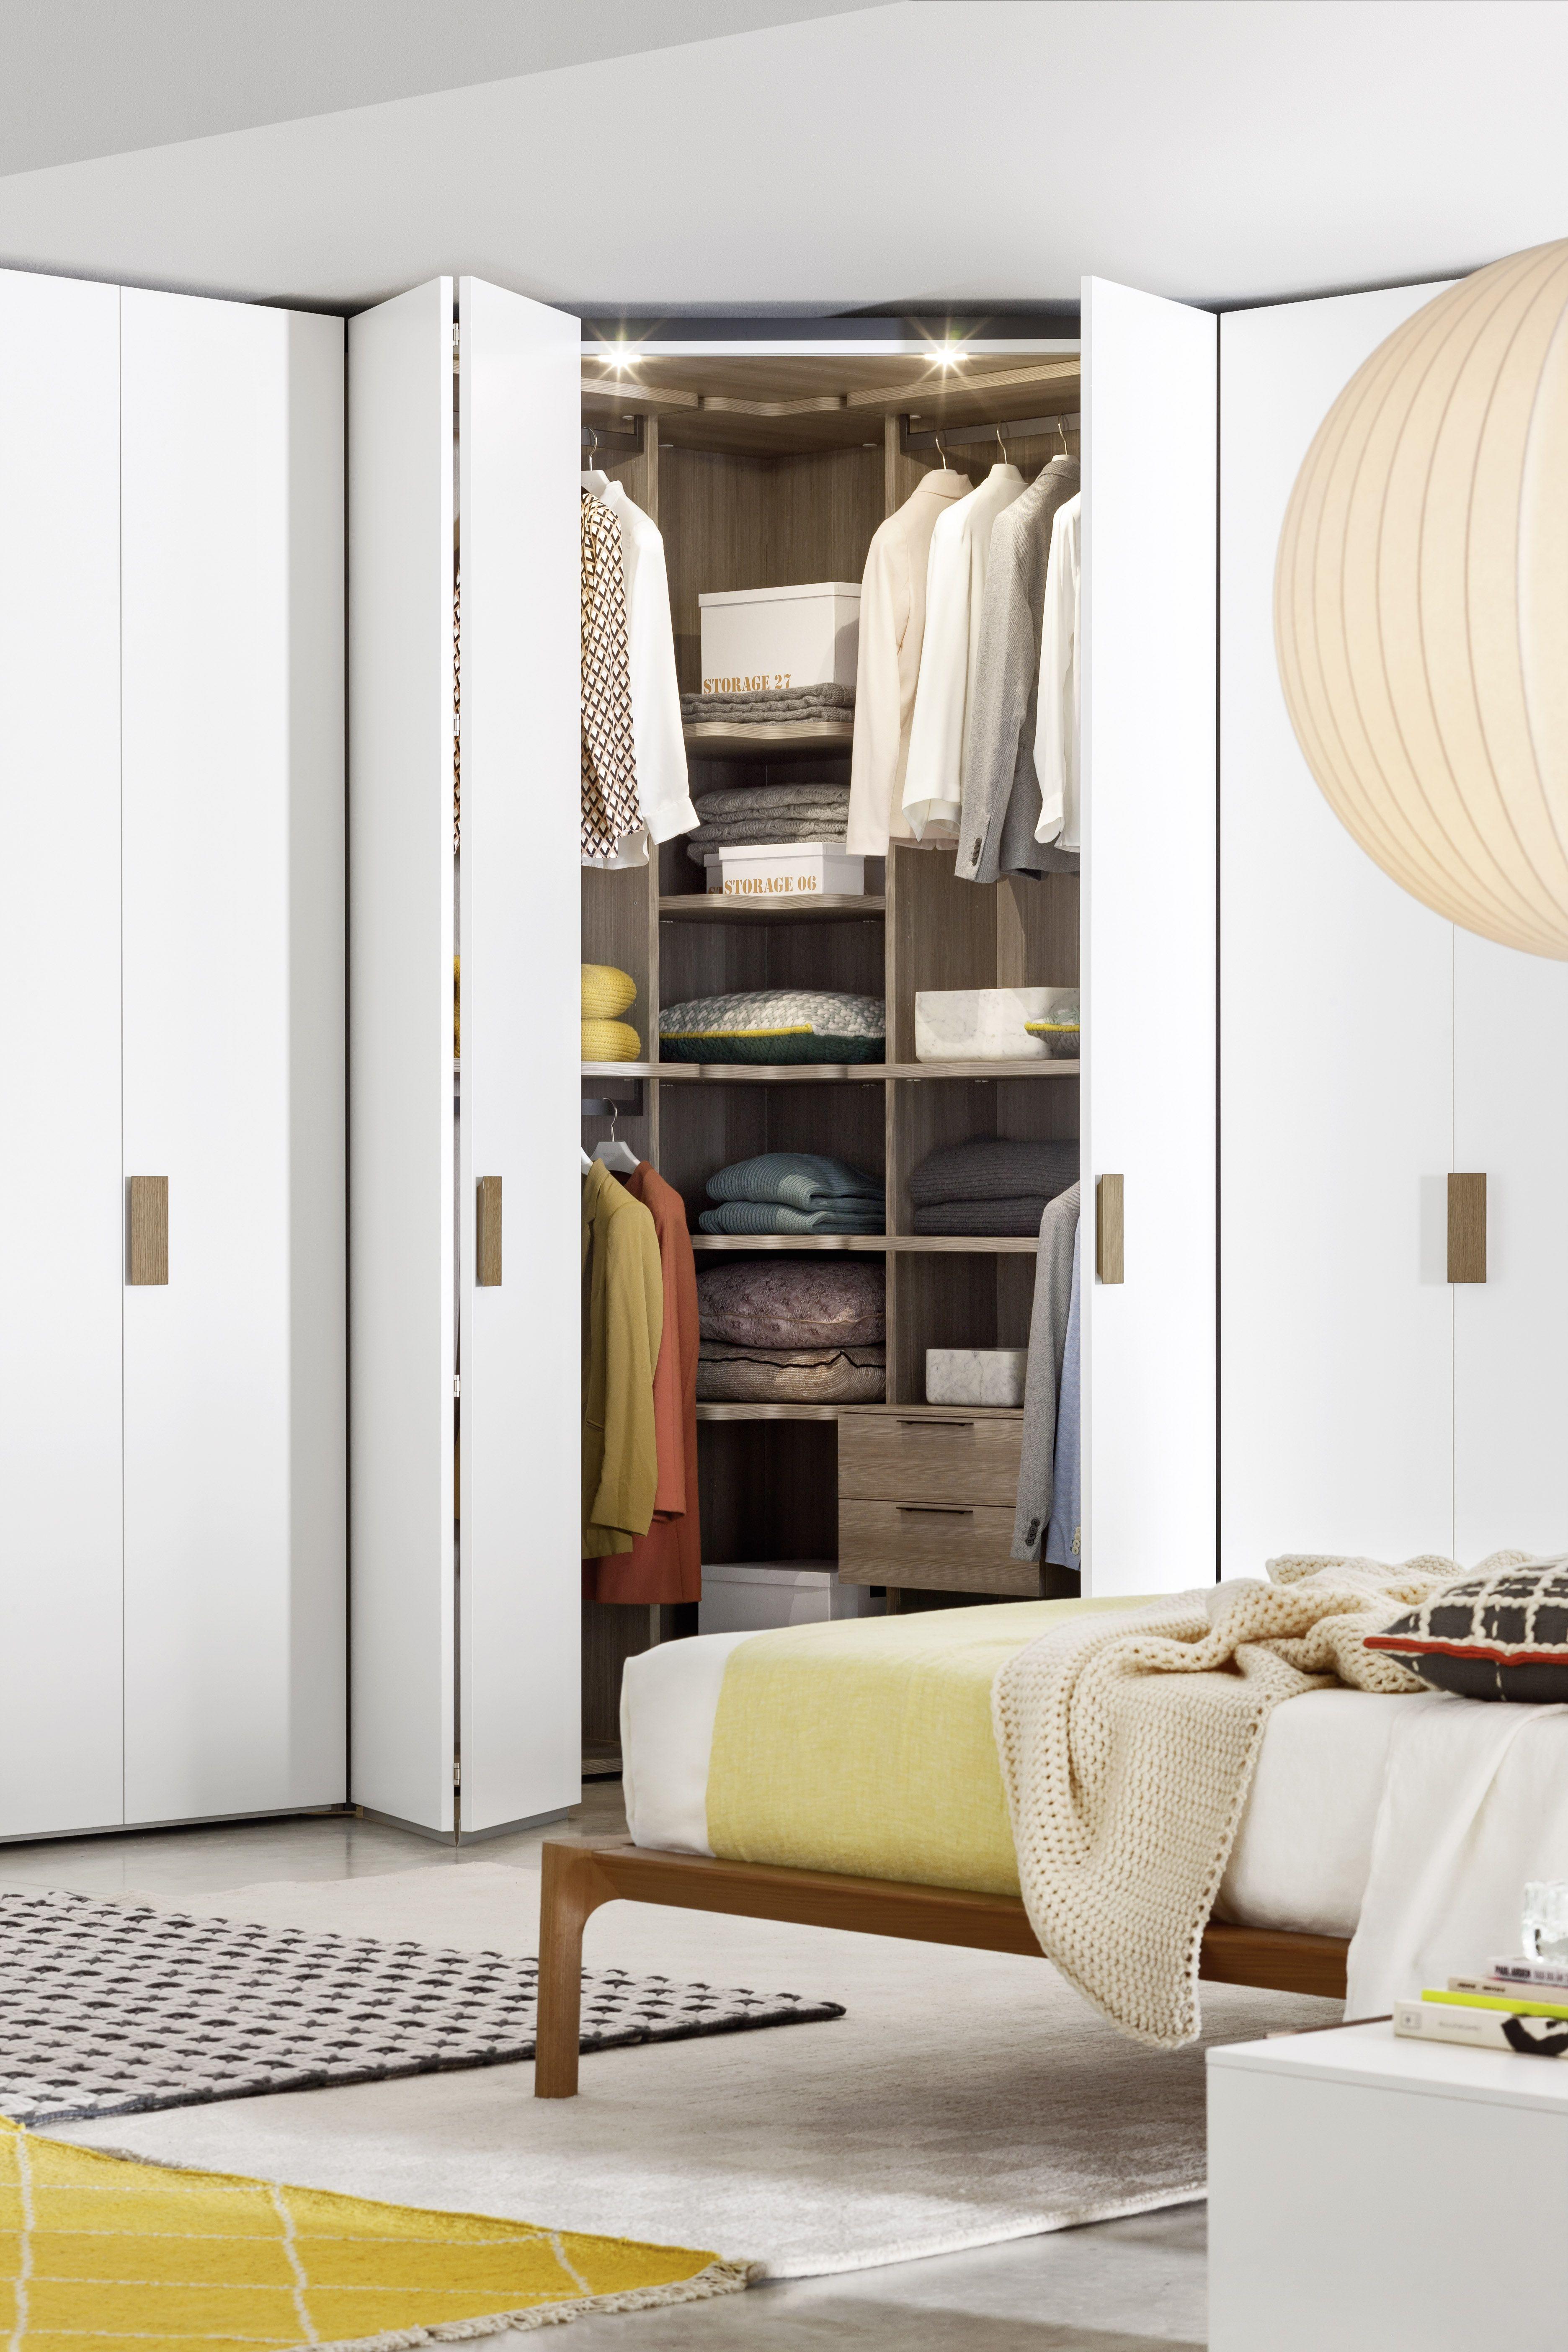 Novamobili Kleiderschrank #Schlafzimmer #Eckschrank #Einbauschrank